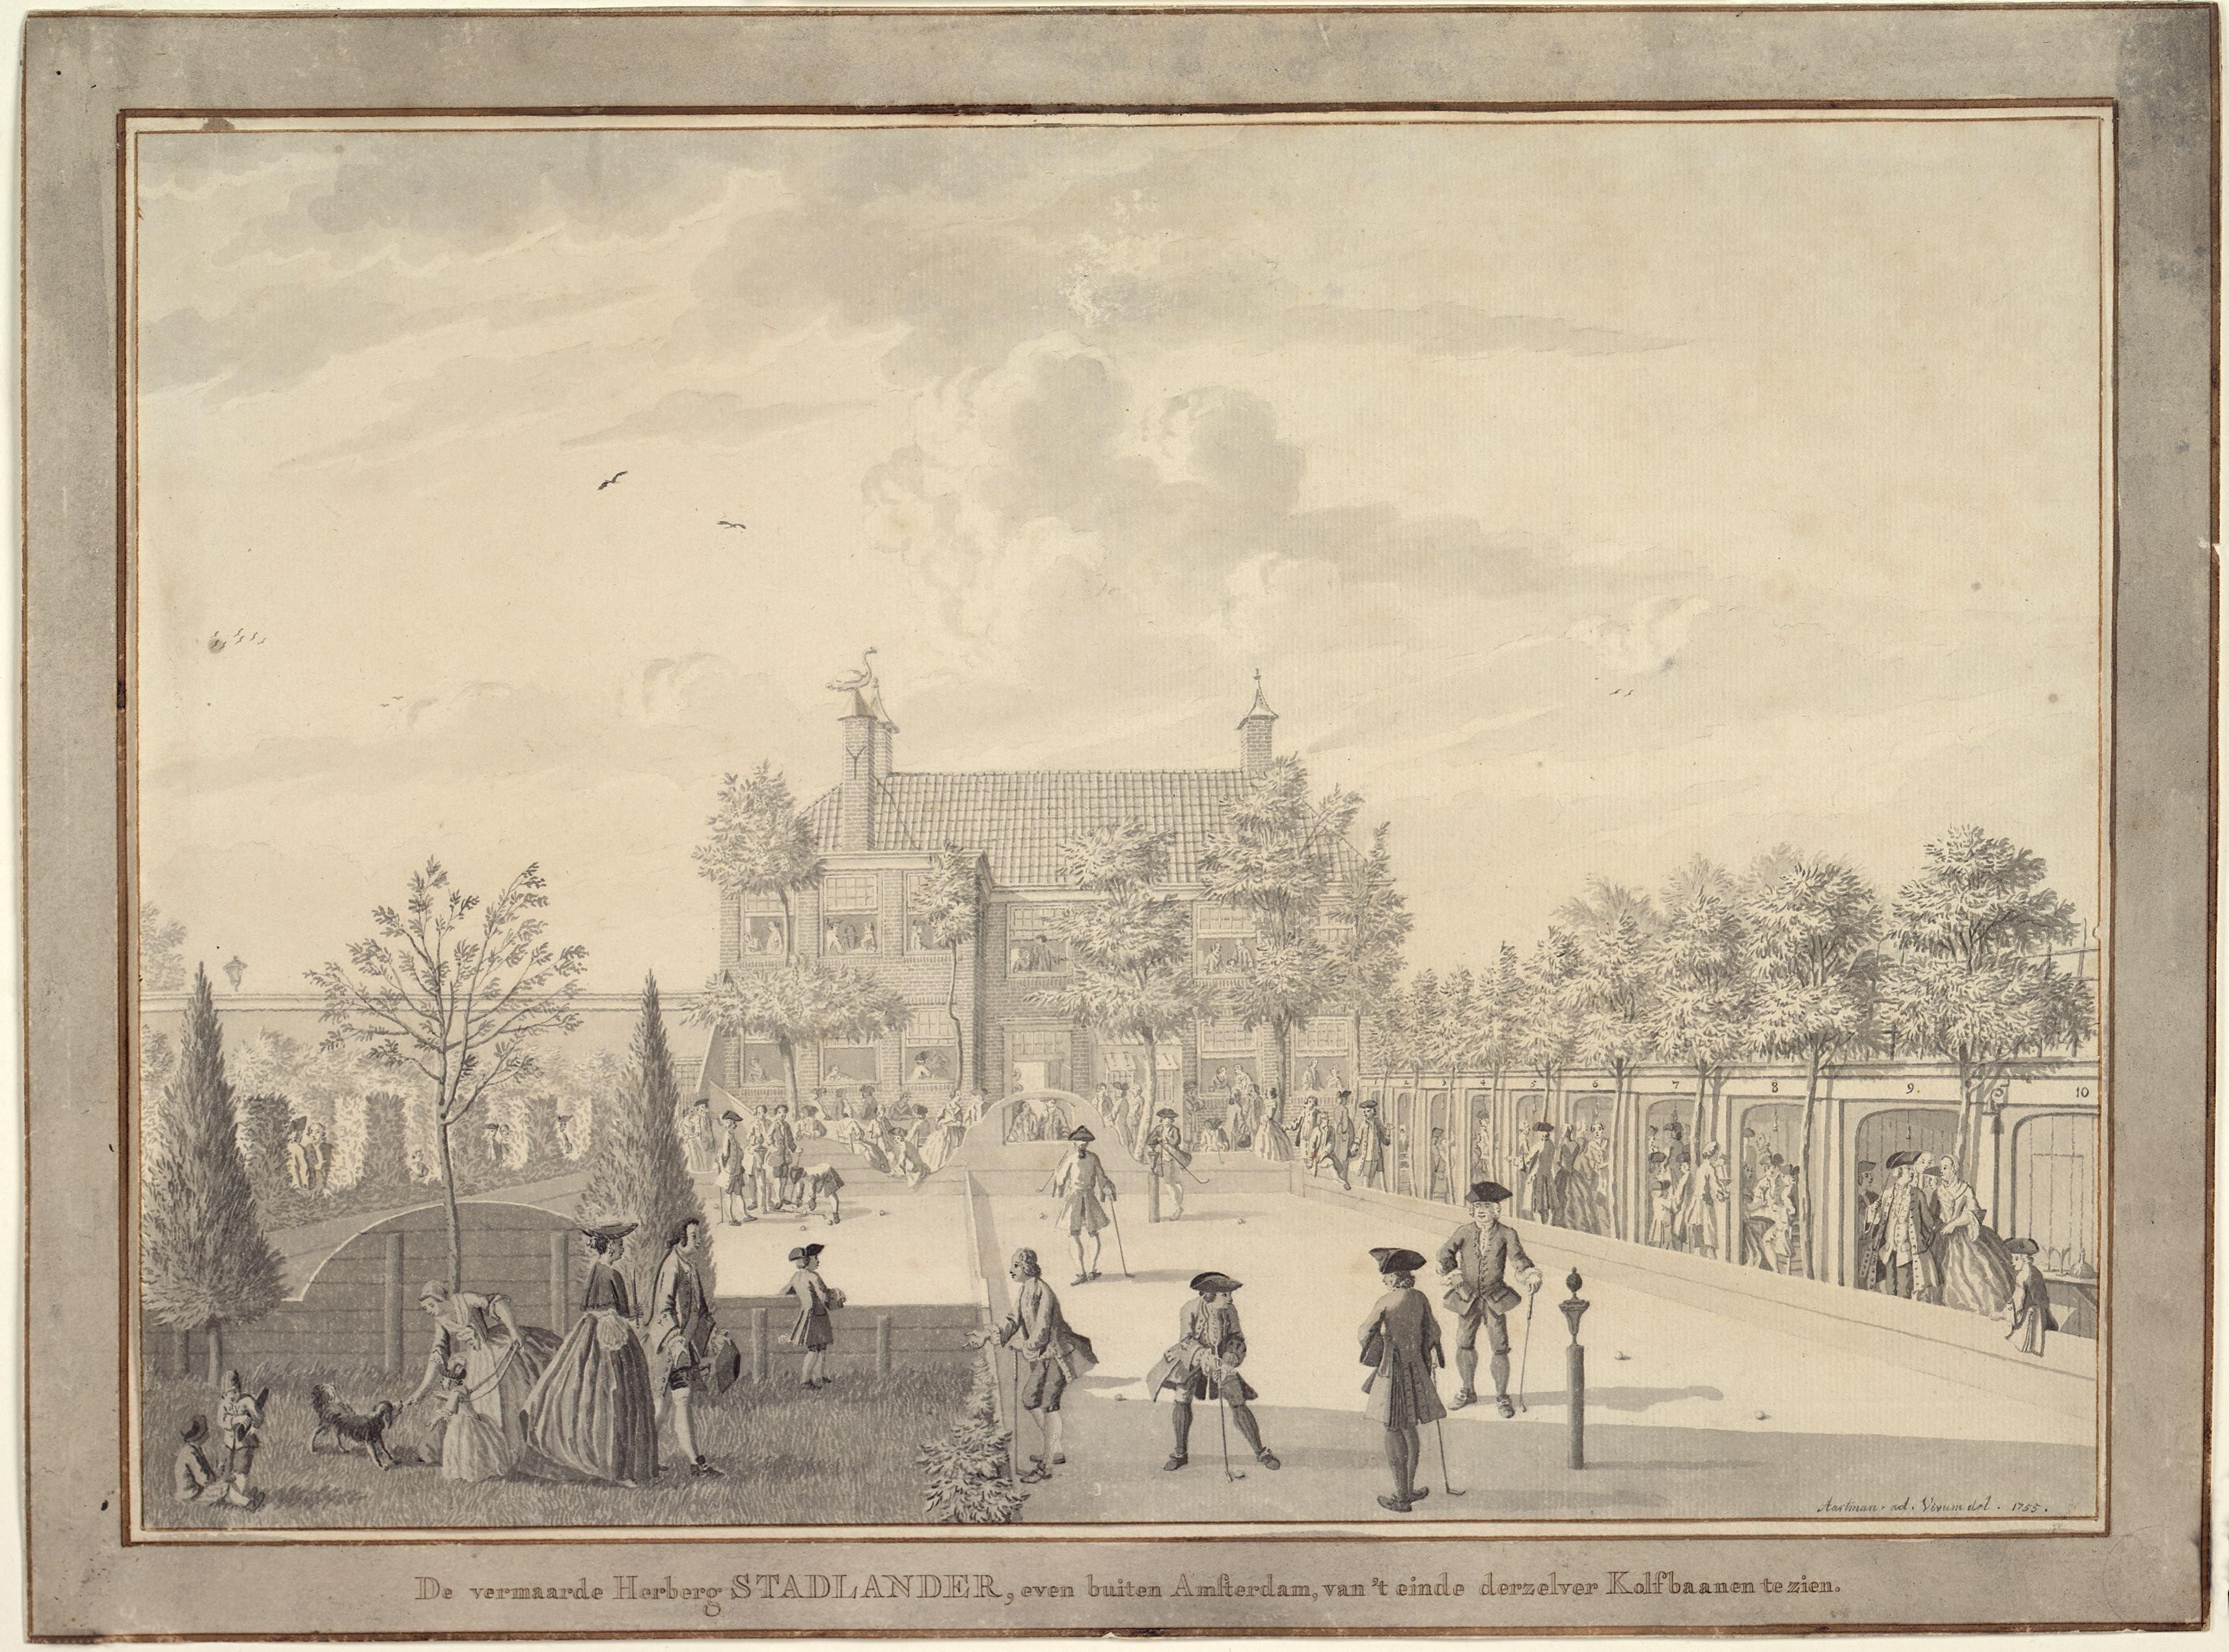 N.M. Aartman, Kolfbaan Herberg Stadlander - 1755